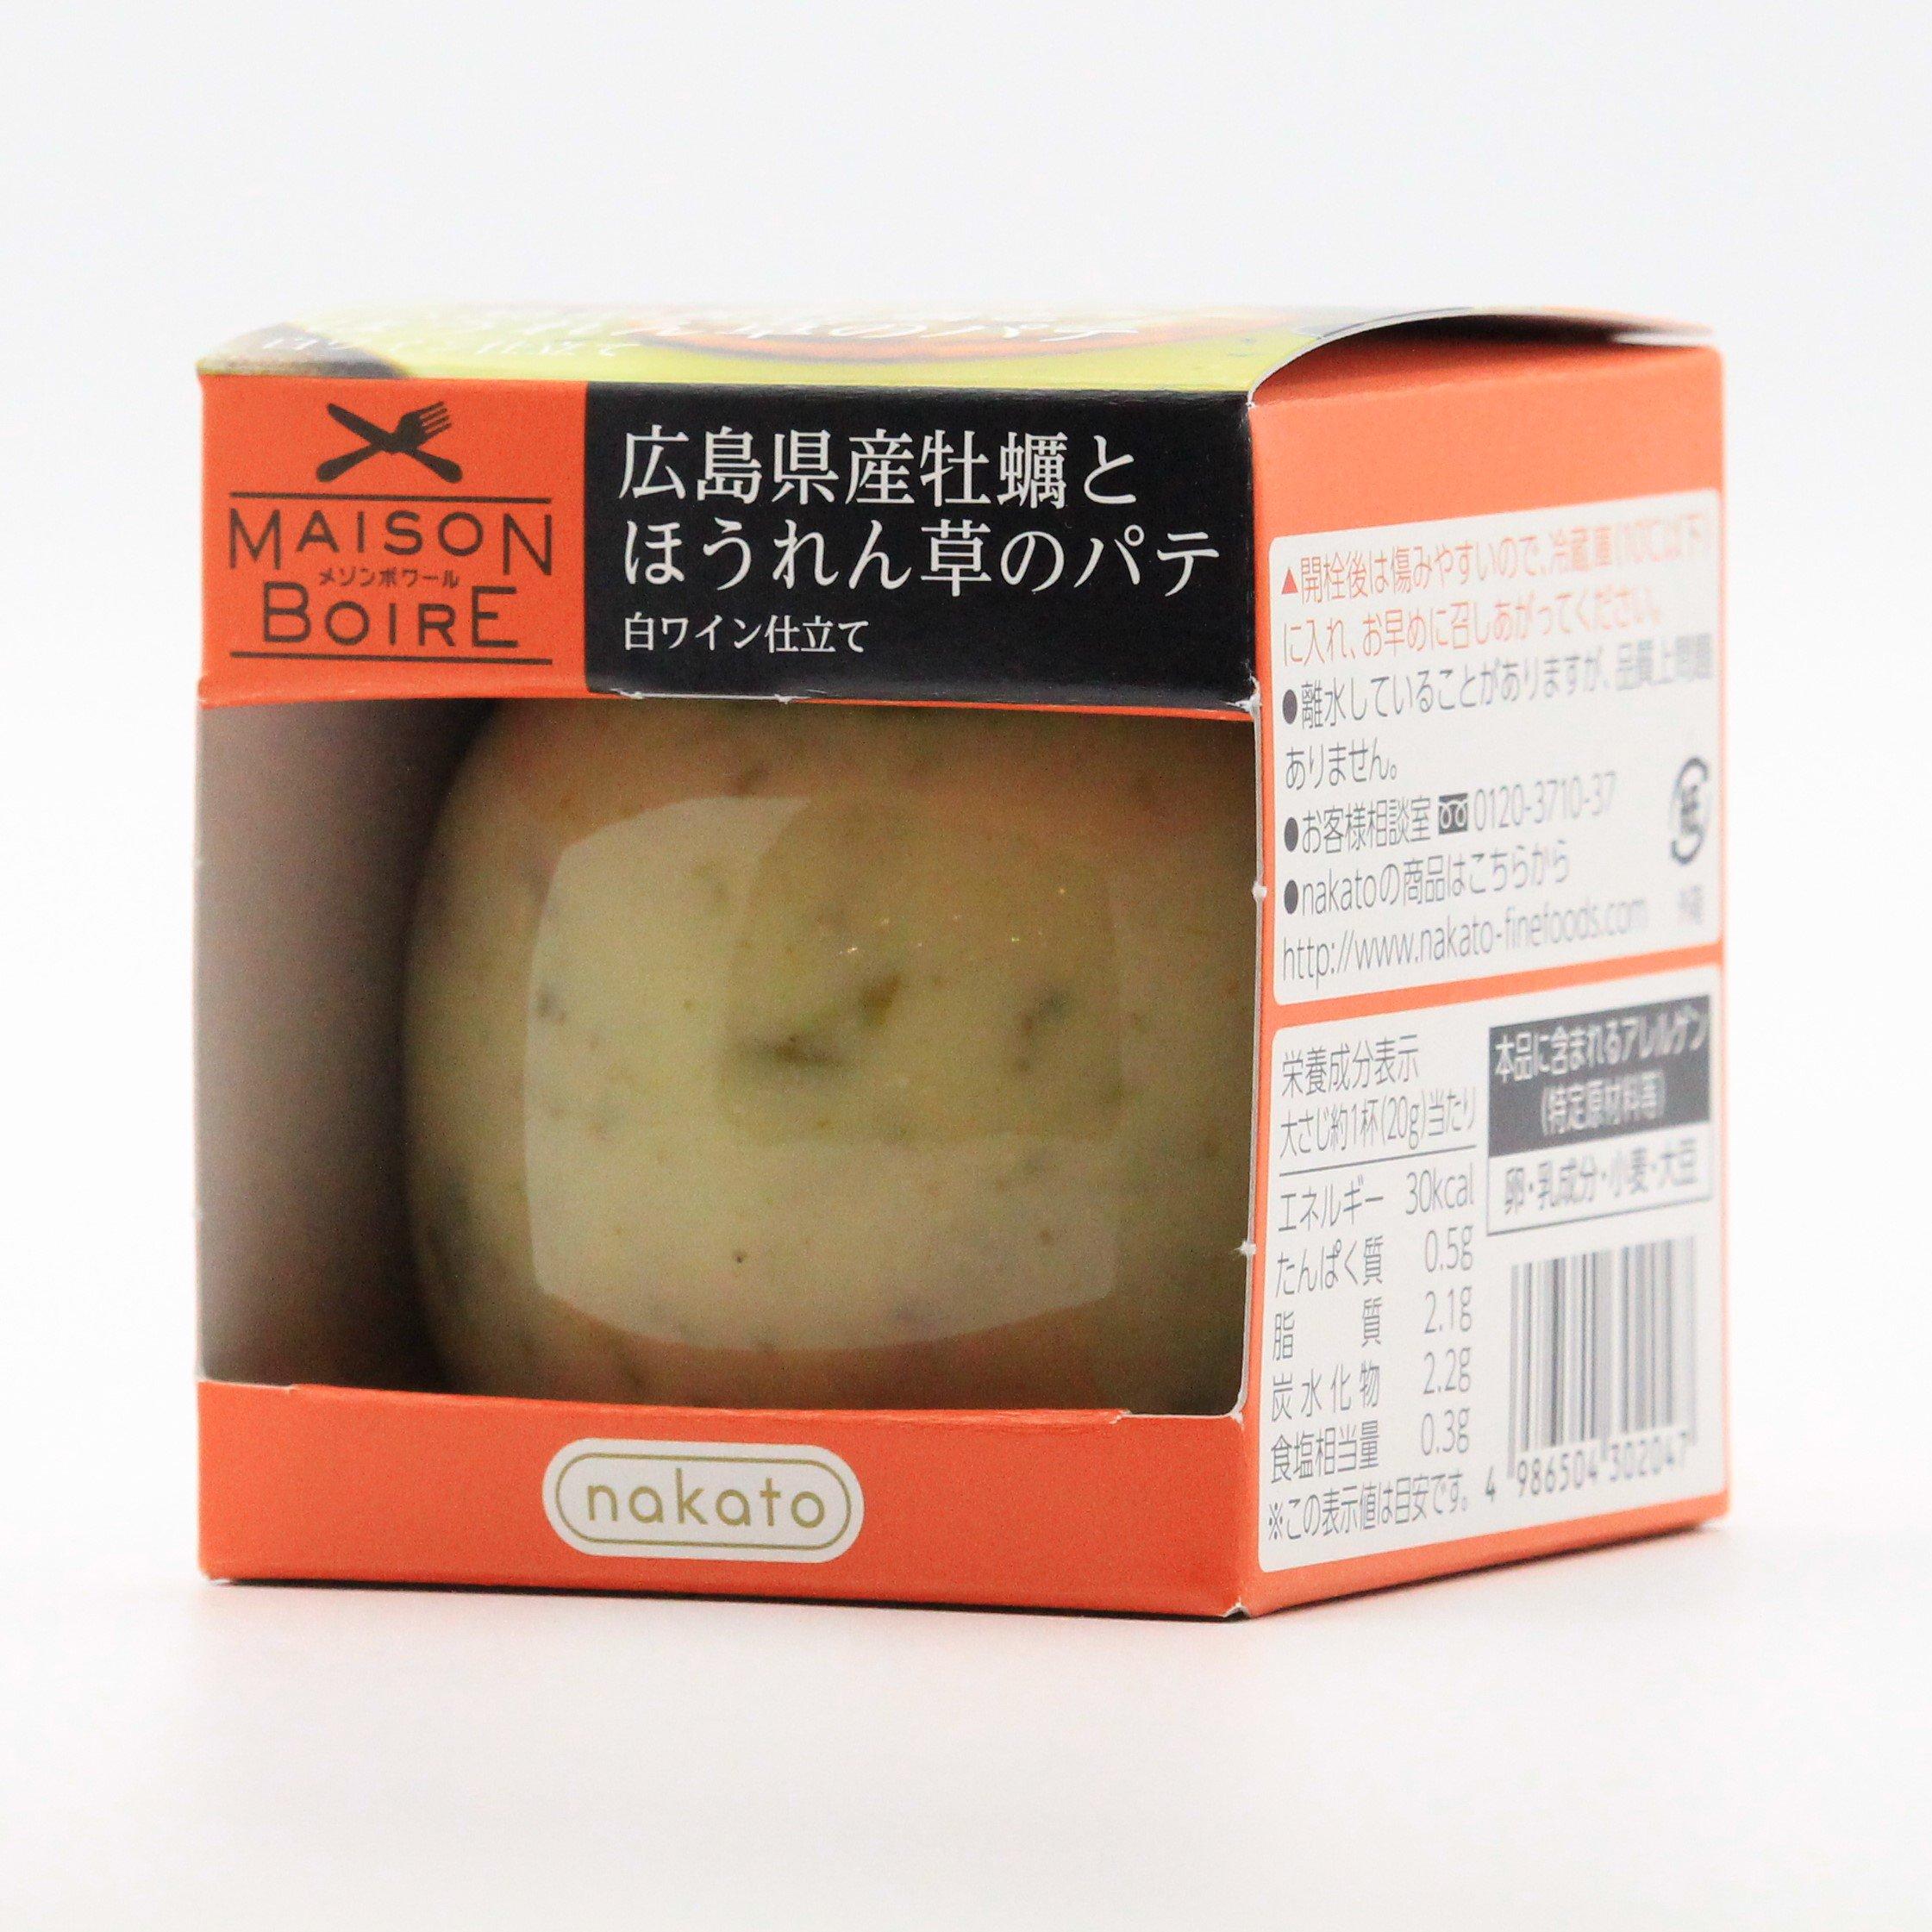 nakato/メゾンボワール 広島県産牡蠣とほうれん草のパテ 白ワイン仕立て 95g